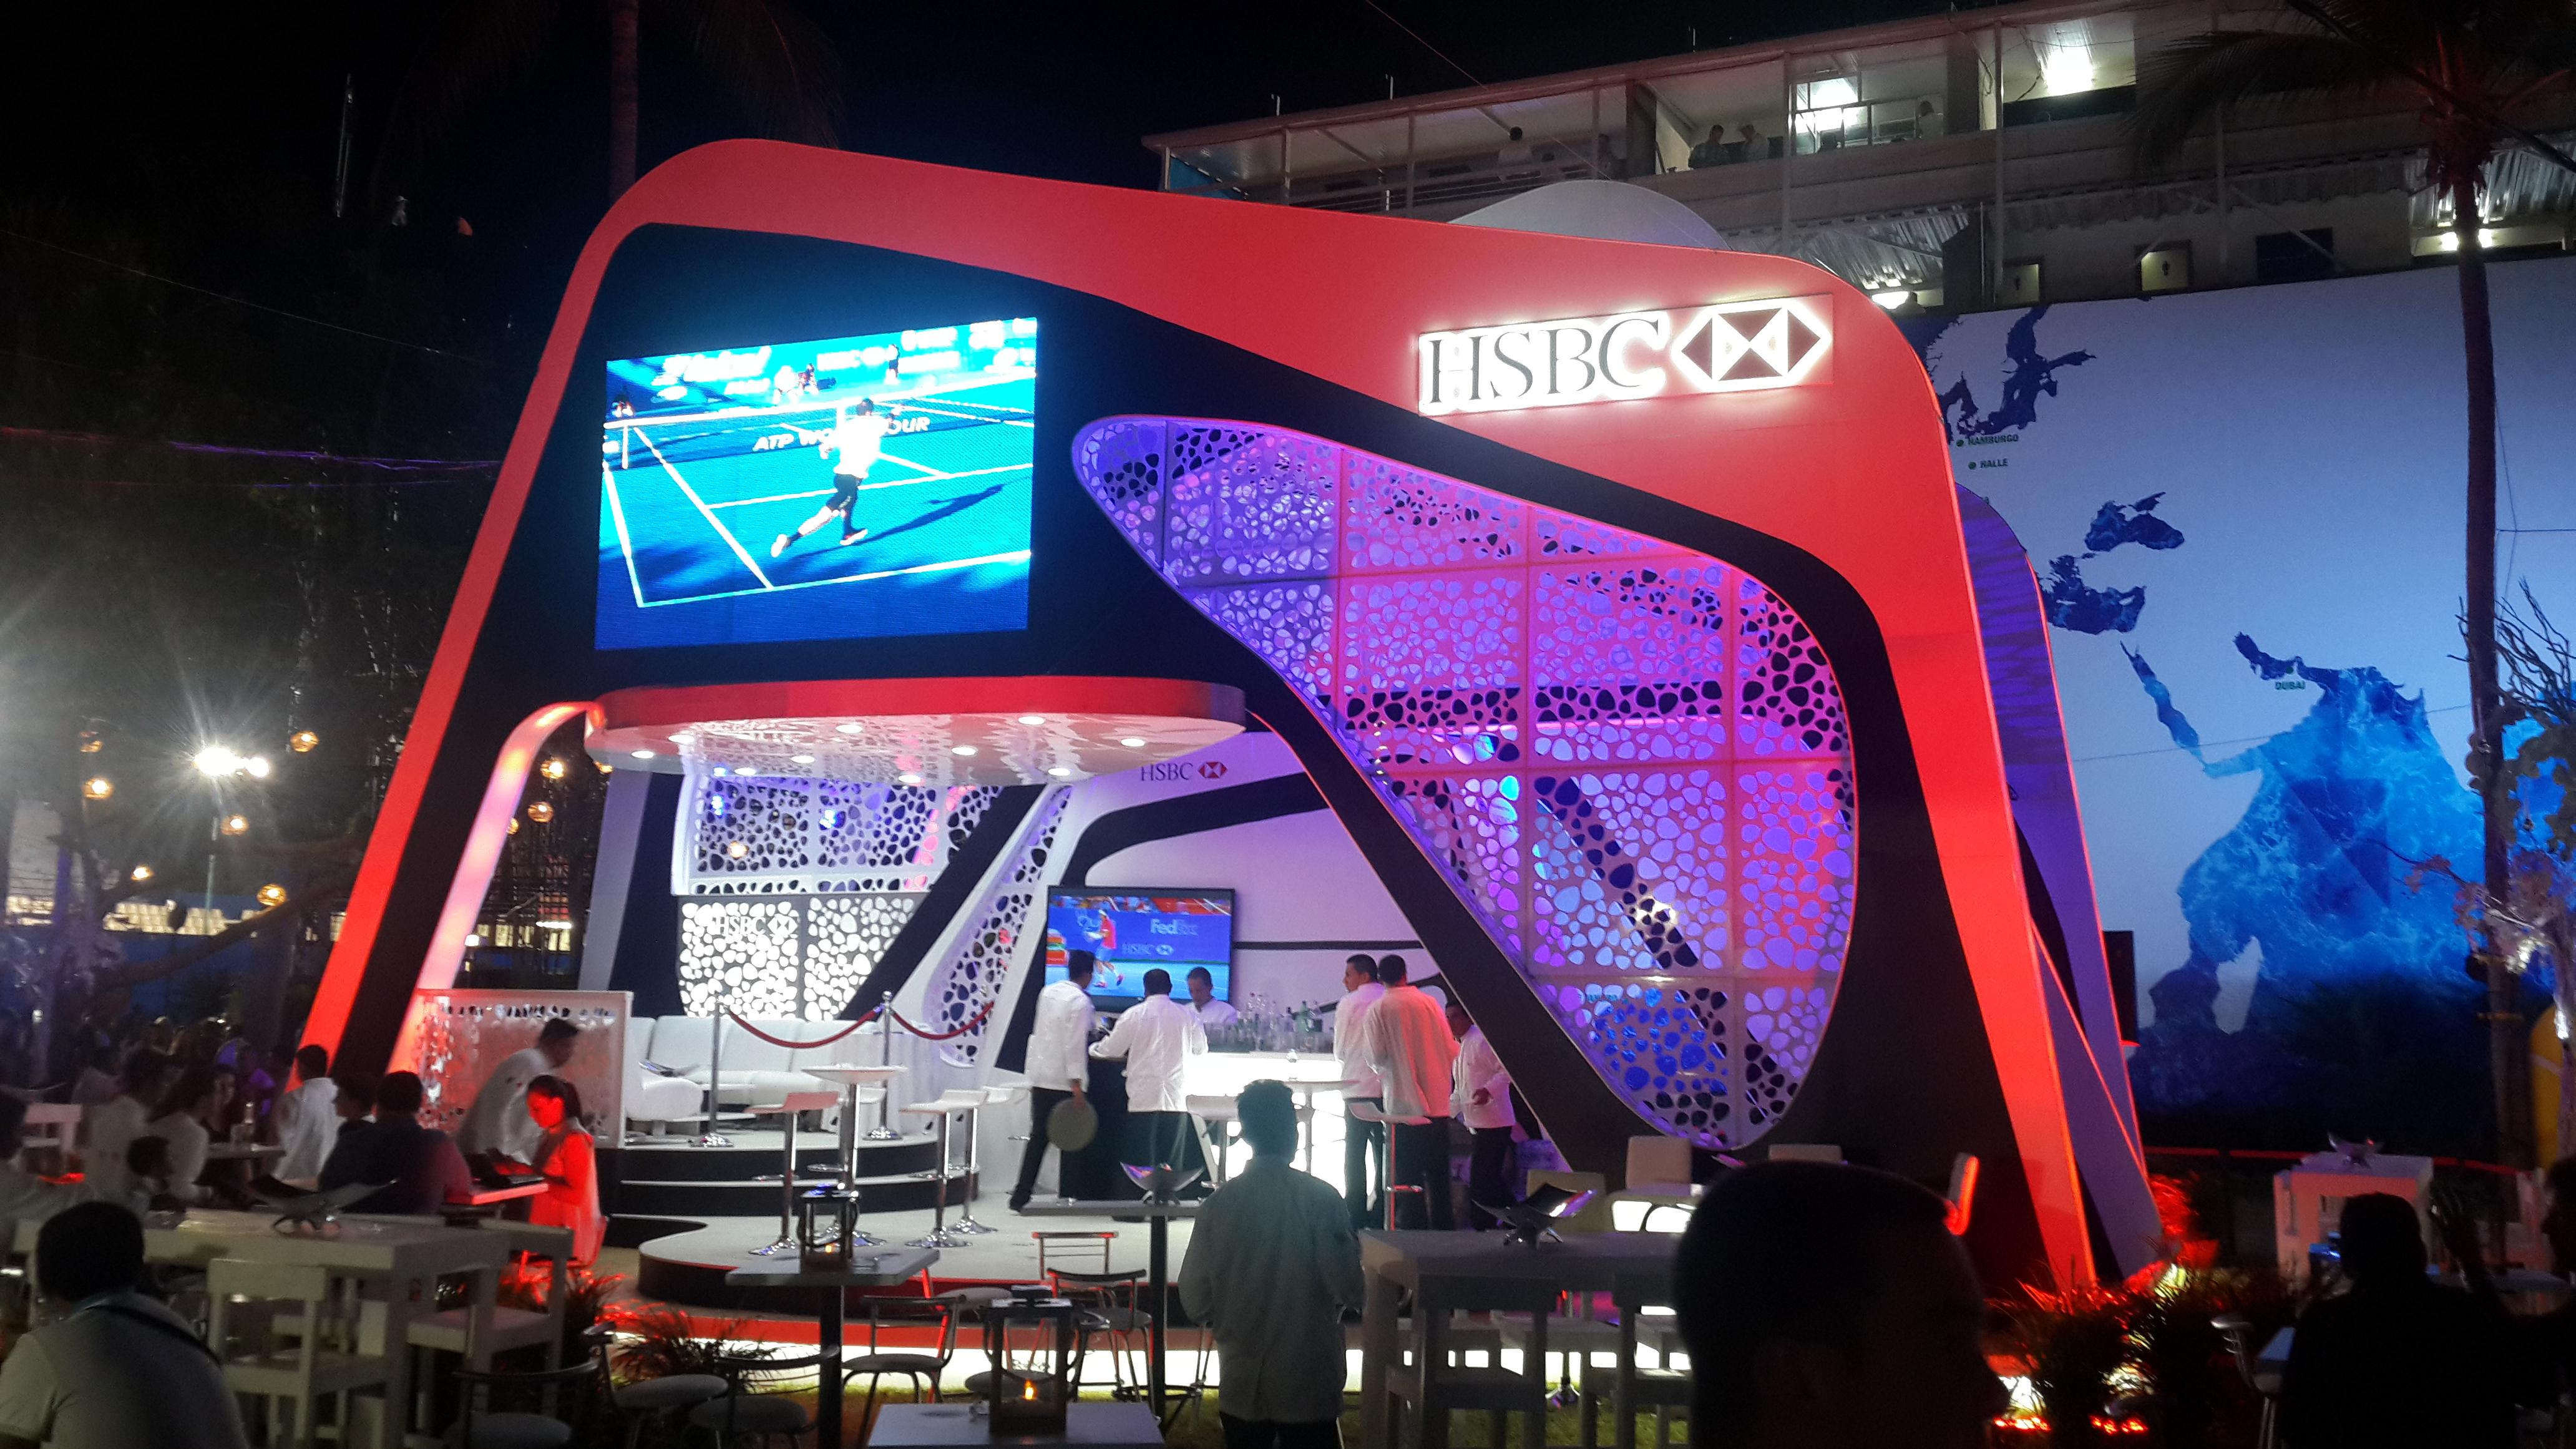 HSBC_Abierto Mexicano de Tenis 2015